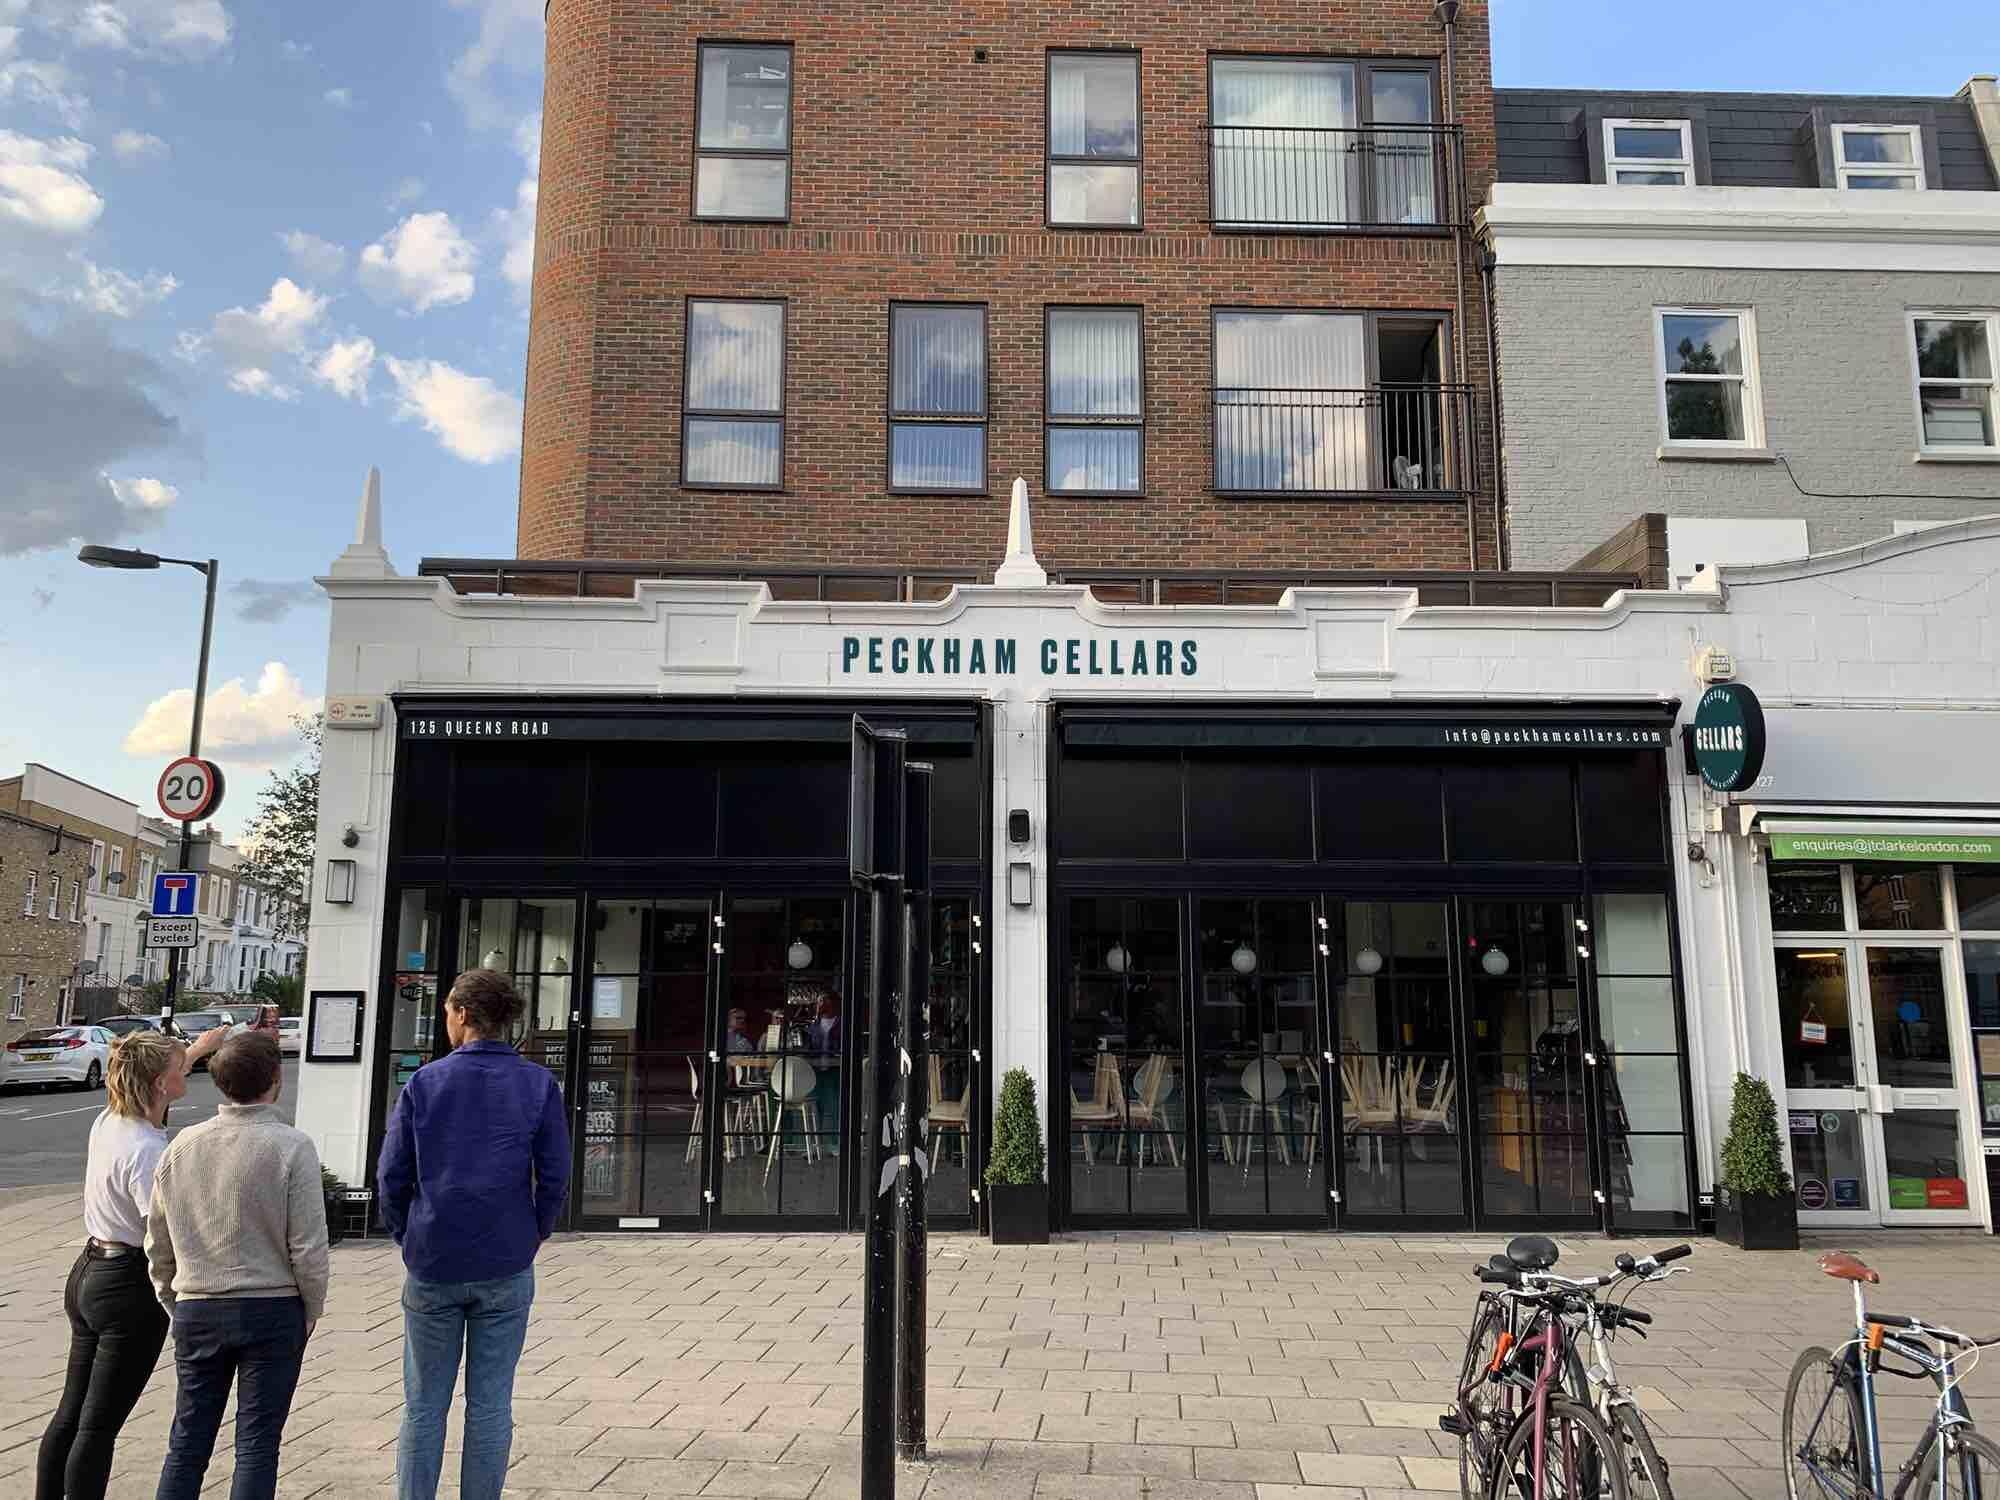 Soon to open Peckham Cellars bar. Image: https://peckhamcellars.co.uk/